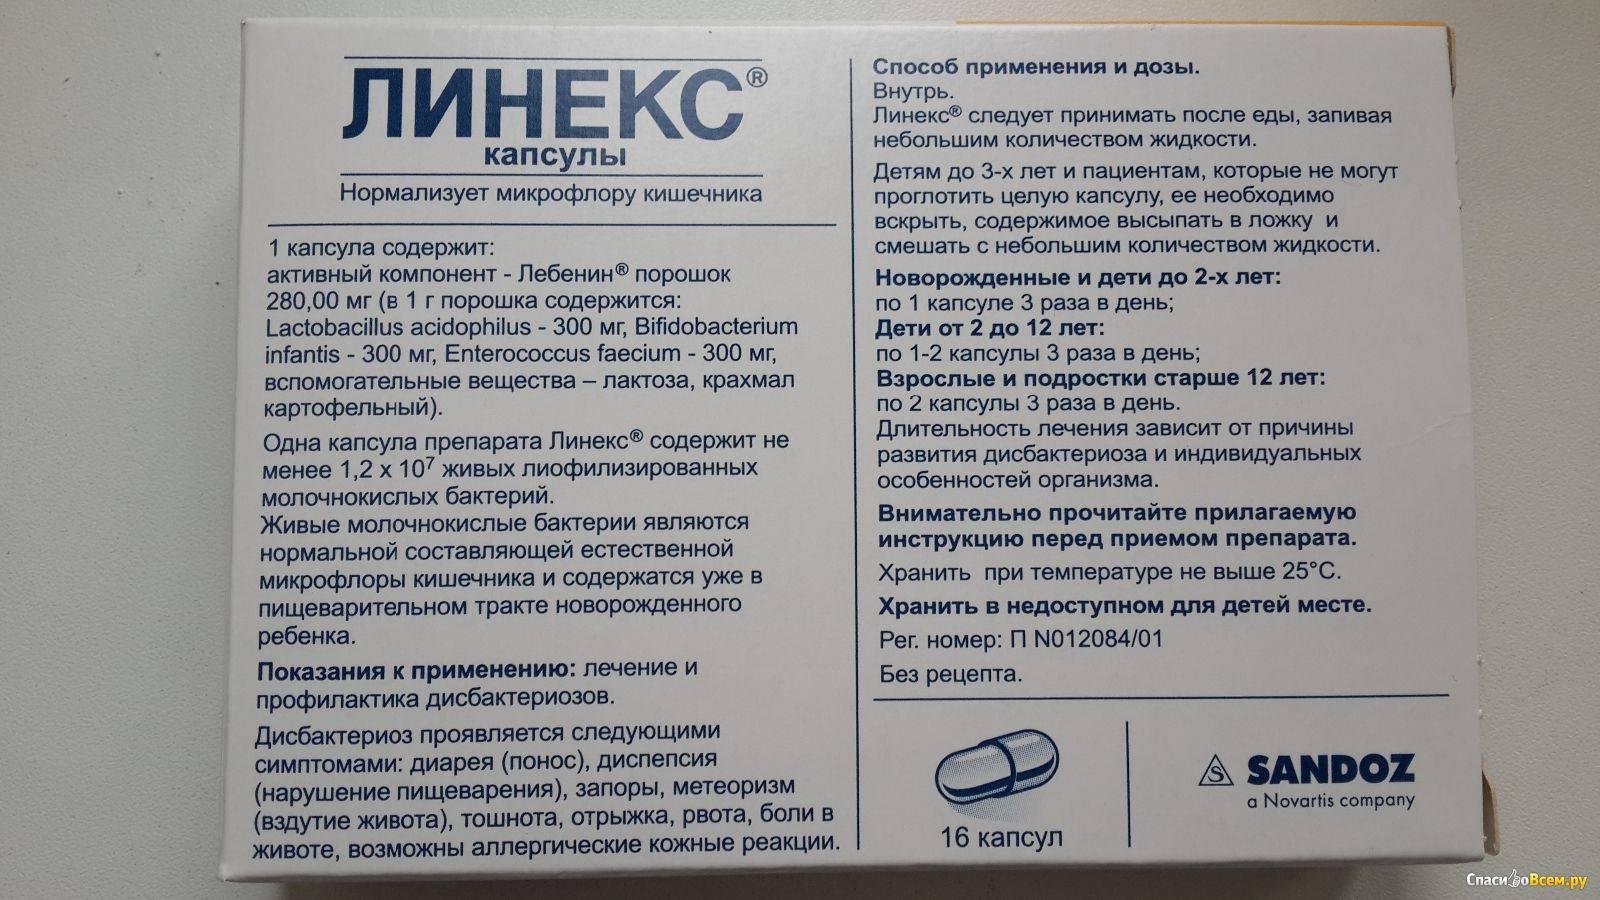 Максилак для детей: инструкция по применению, детская дозировка, доза для грудничков и новорожденных, отзывы